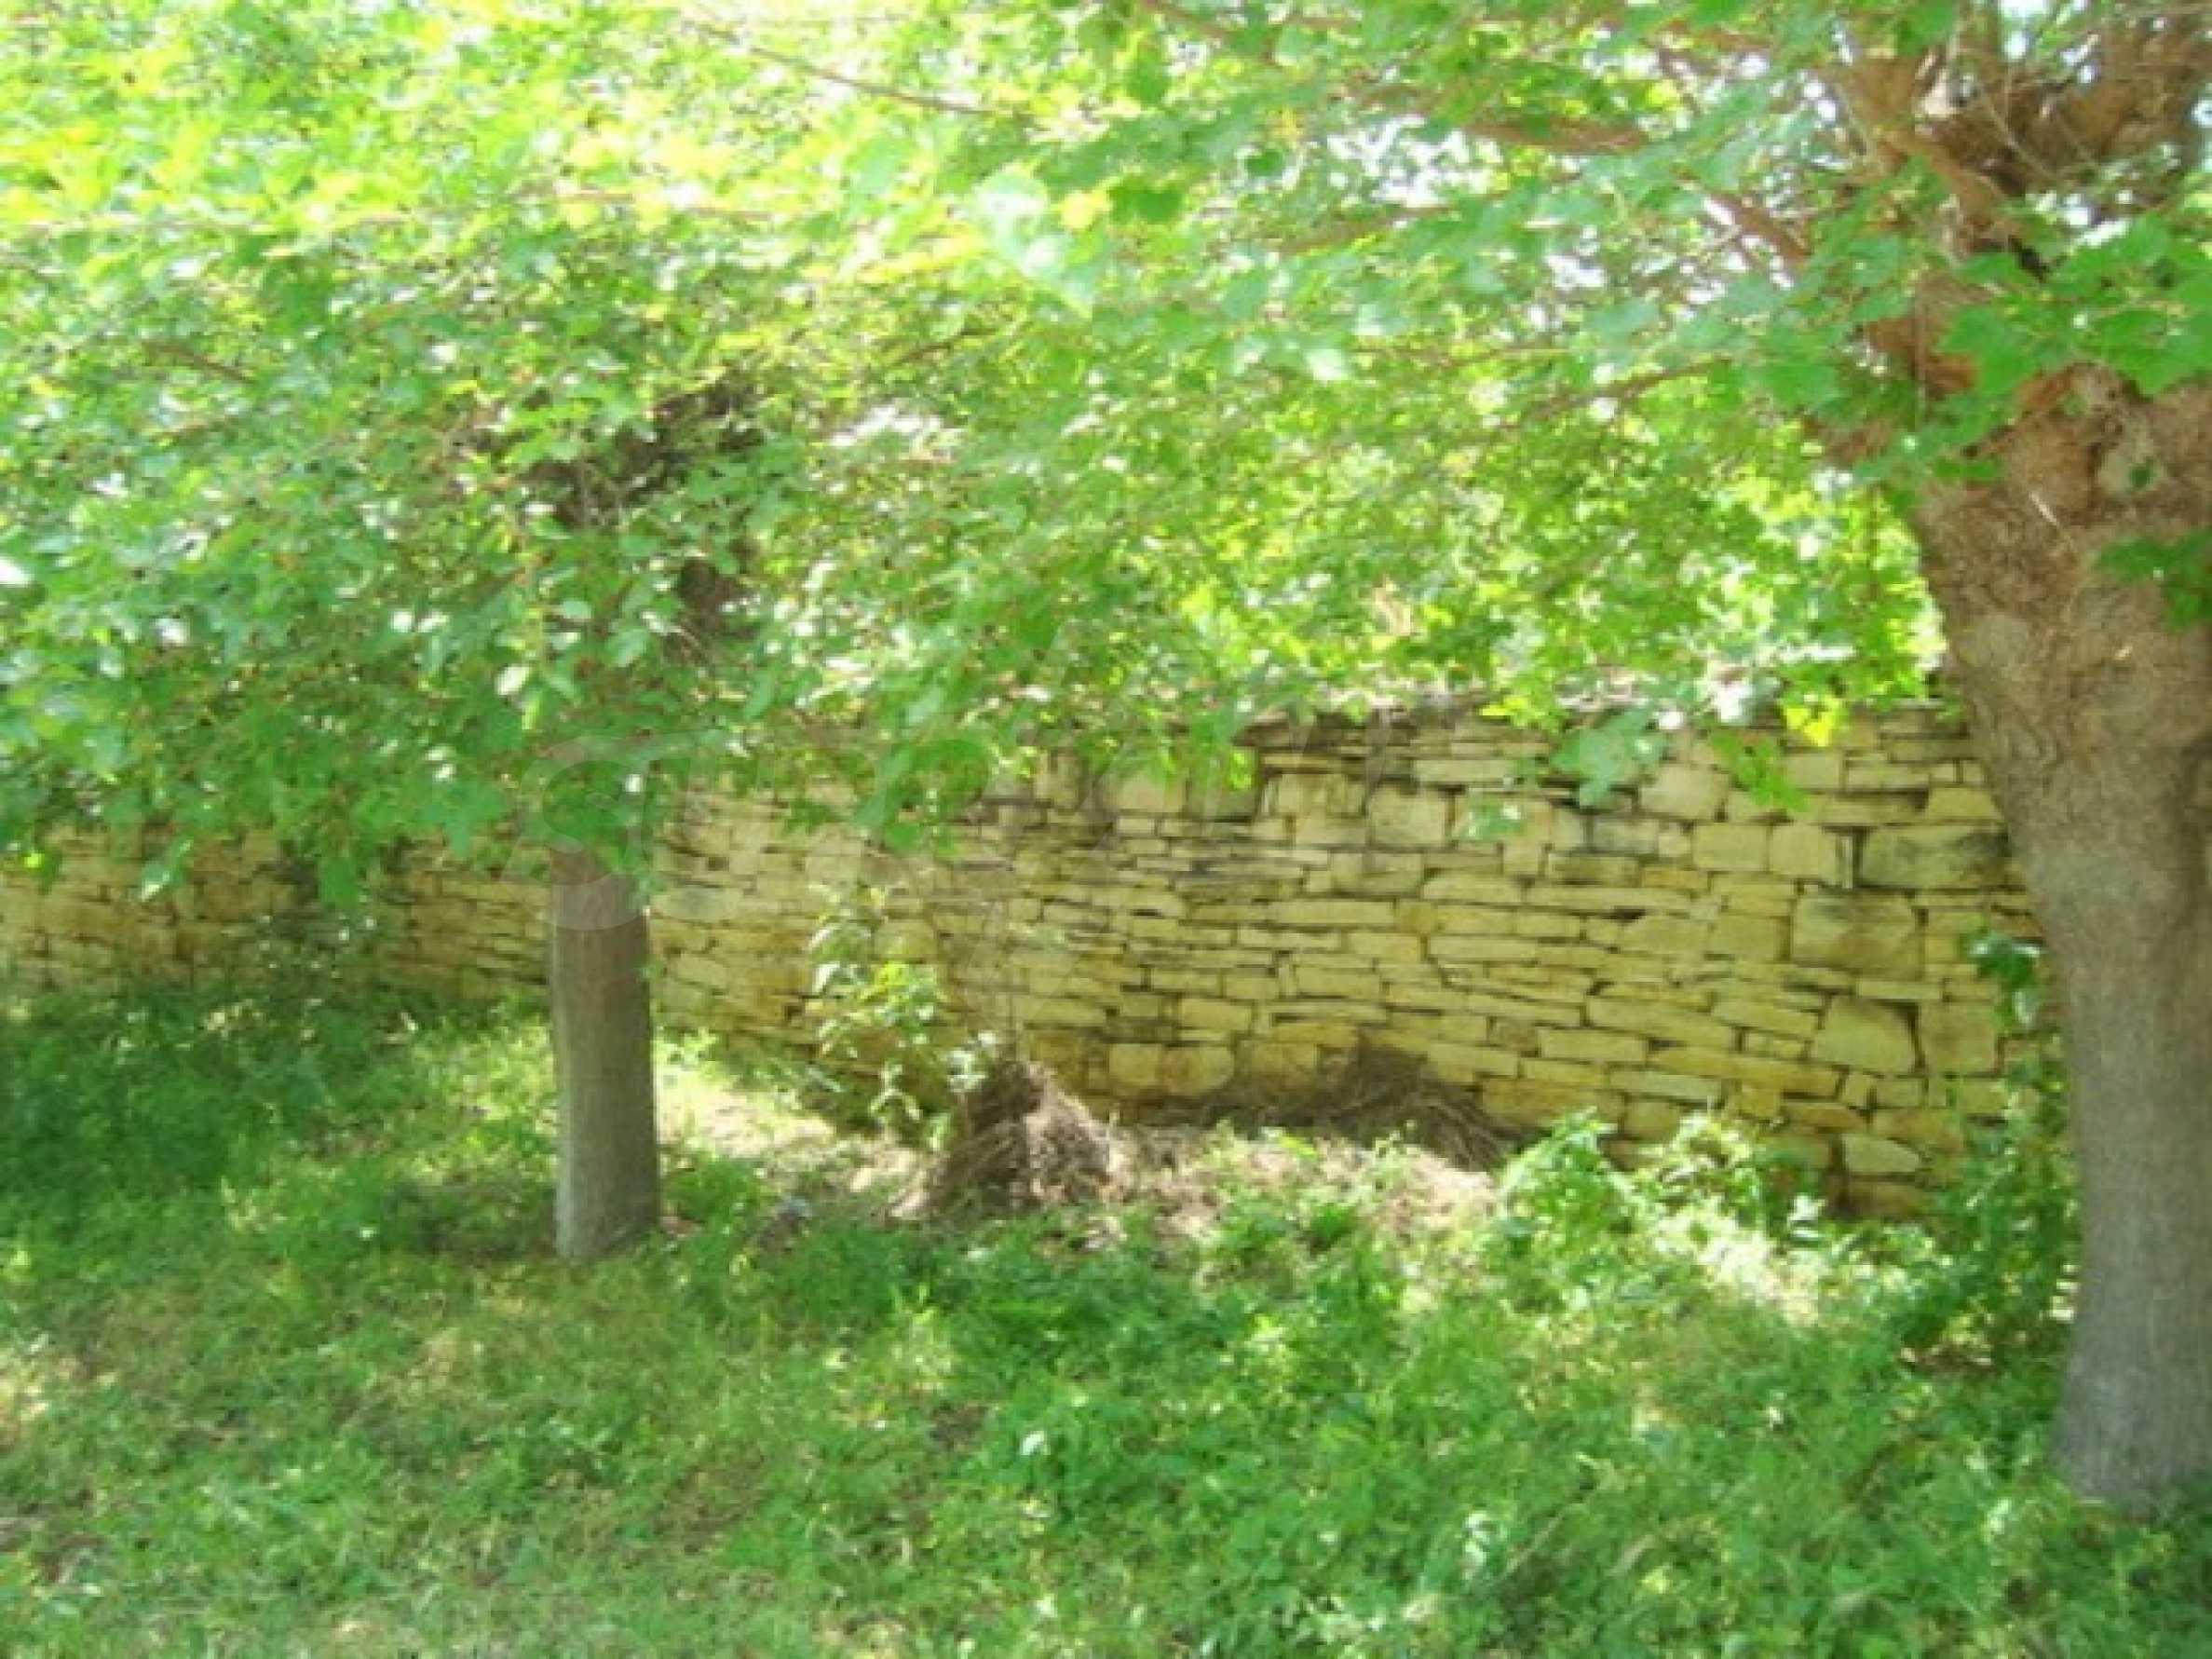 House in the village of Gorna Lipnica, Veliko Tarnovo 26